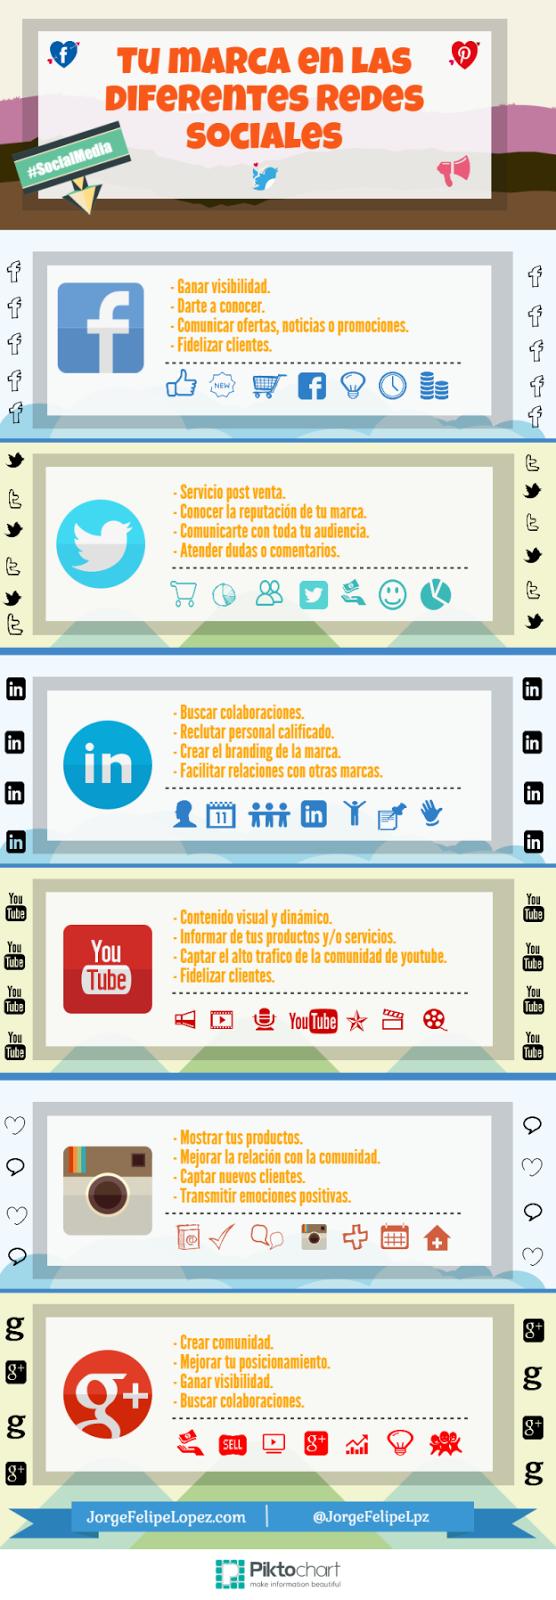 Infografía tu marca en las diferentes redes sociales.